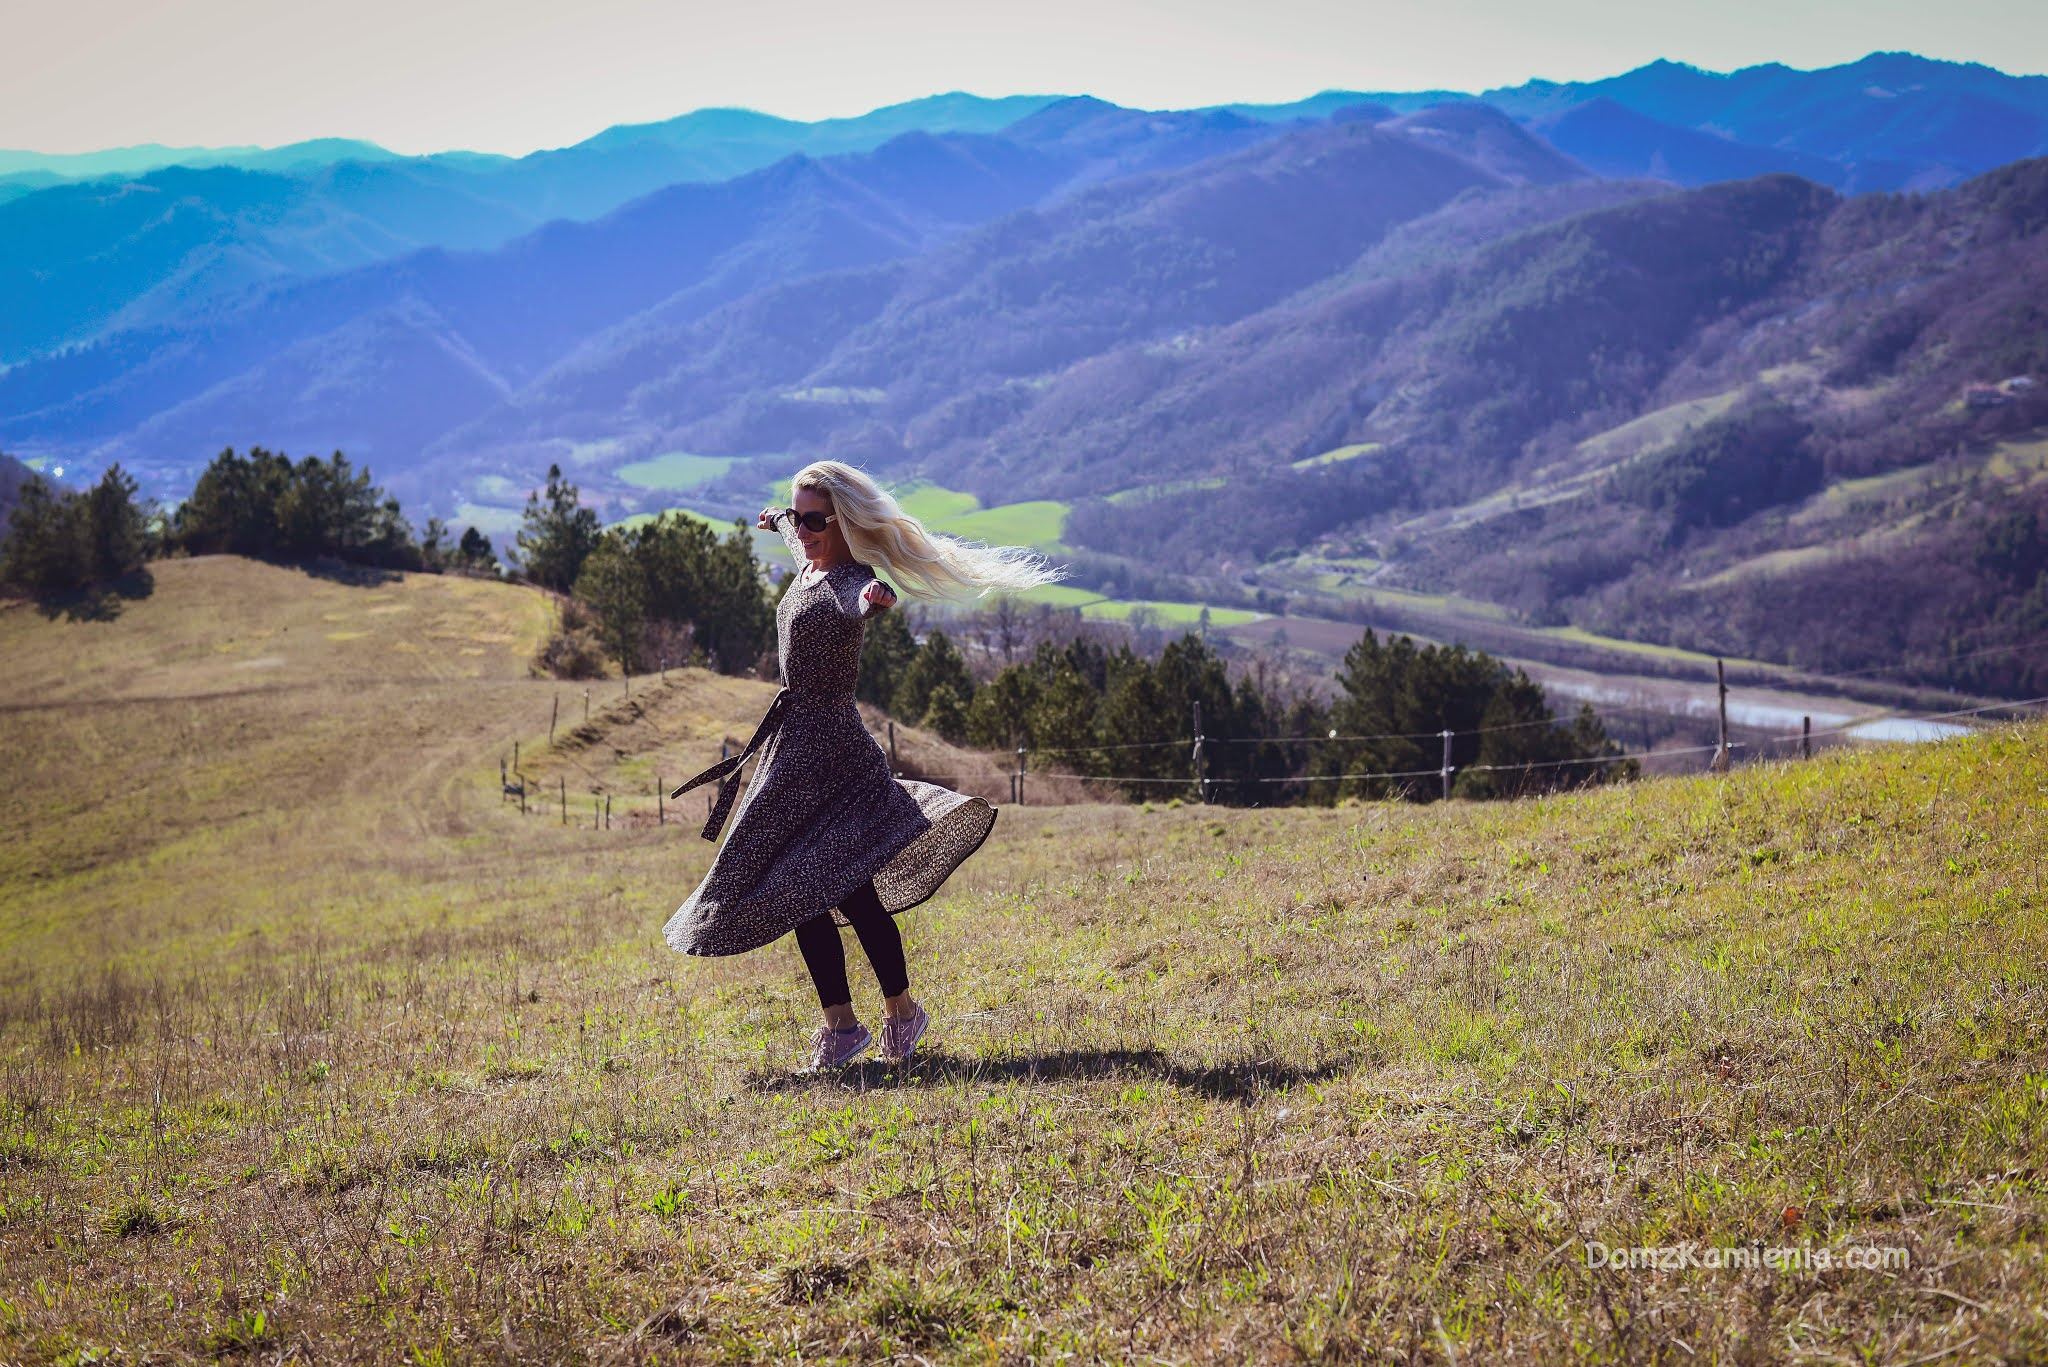 Kasia z Domu z Kamienia, blog o życiu w Toskanii